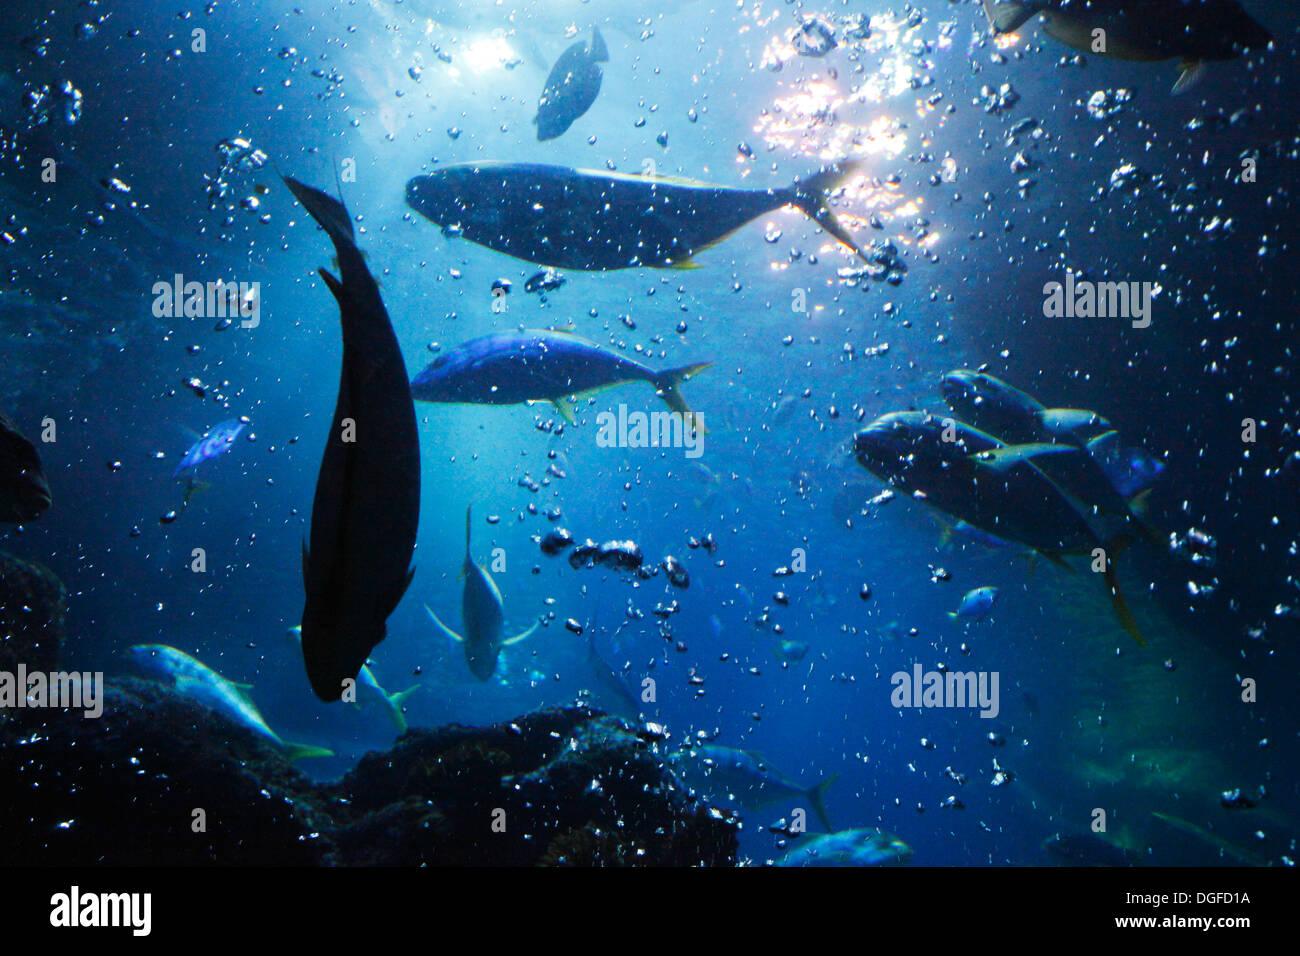 D-Oberhausen, Ruhr area, Lower Rhine, Rhineland, North Rhine-Westphalia, NRW, D-Oberhausen-Neue Mitte, Centro Park, Sea Life Adventure Park, Sea Life Center, aquarium, fishes - Stock Image